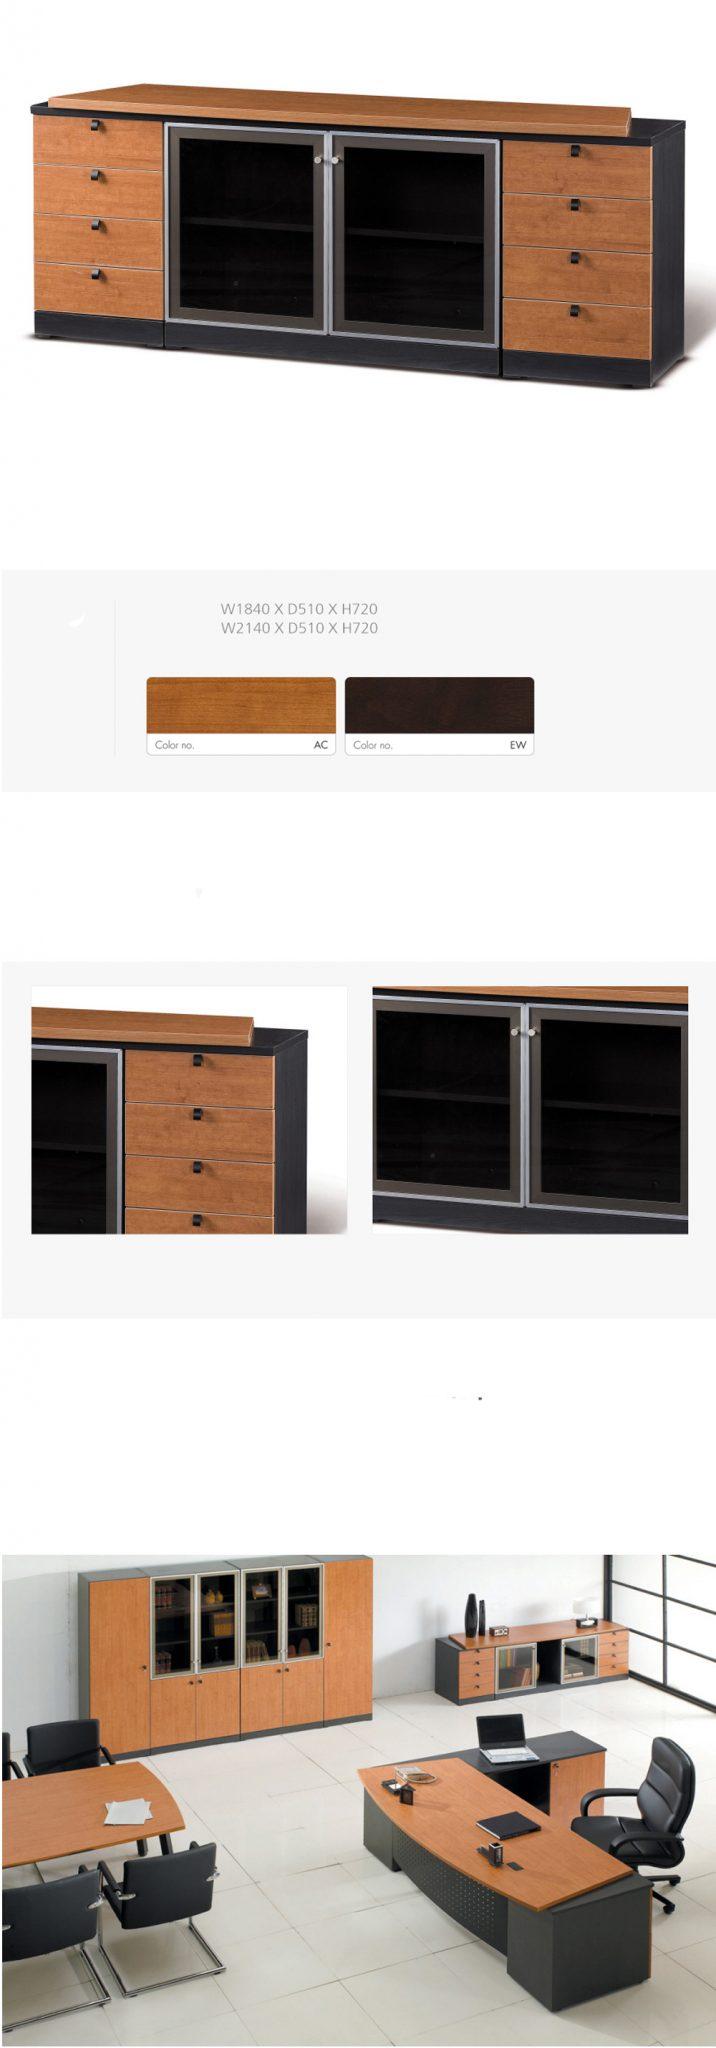 Tủ được phân ngăn rõ ràng, thiết kế bắt mắt, dễ dàng sử dụng.